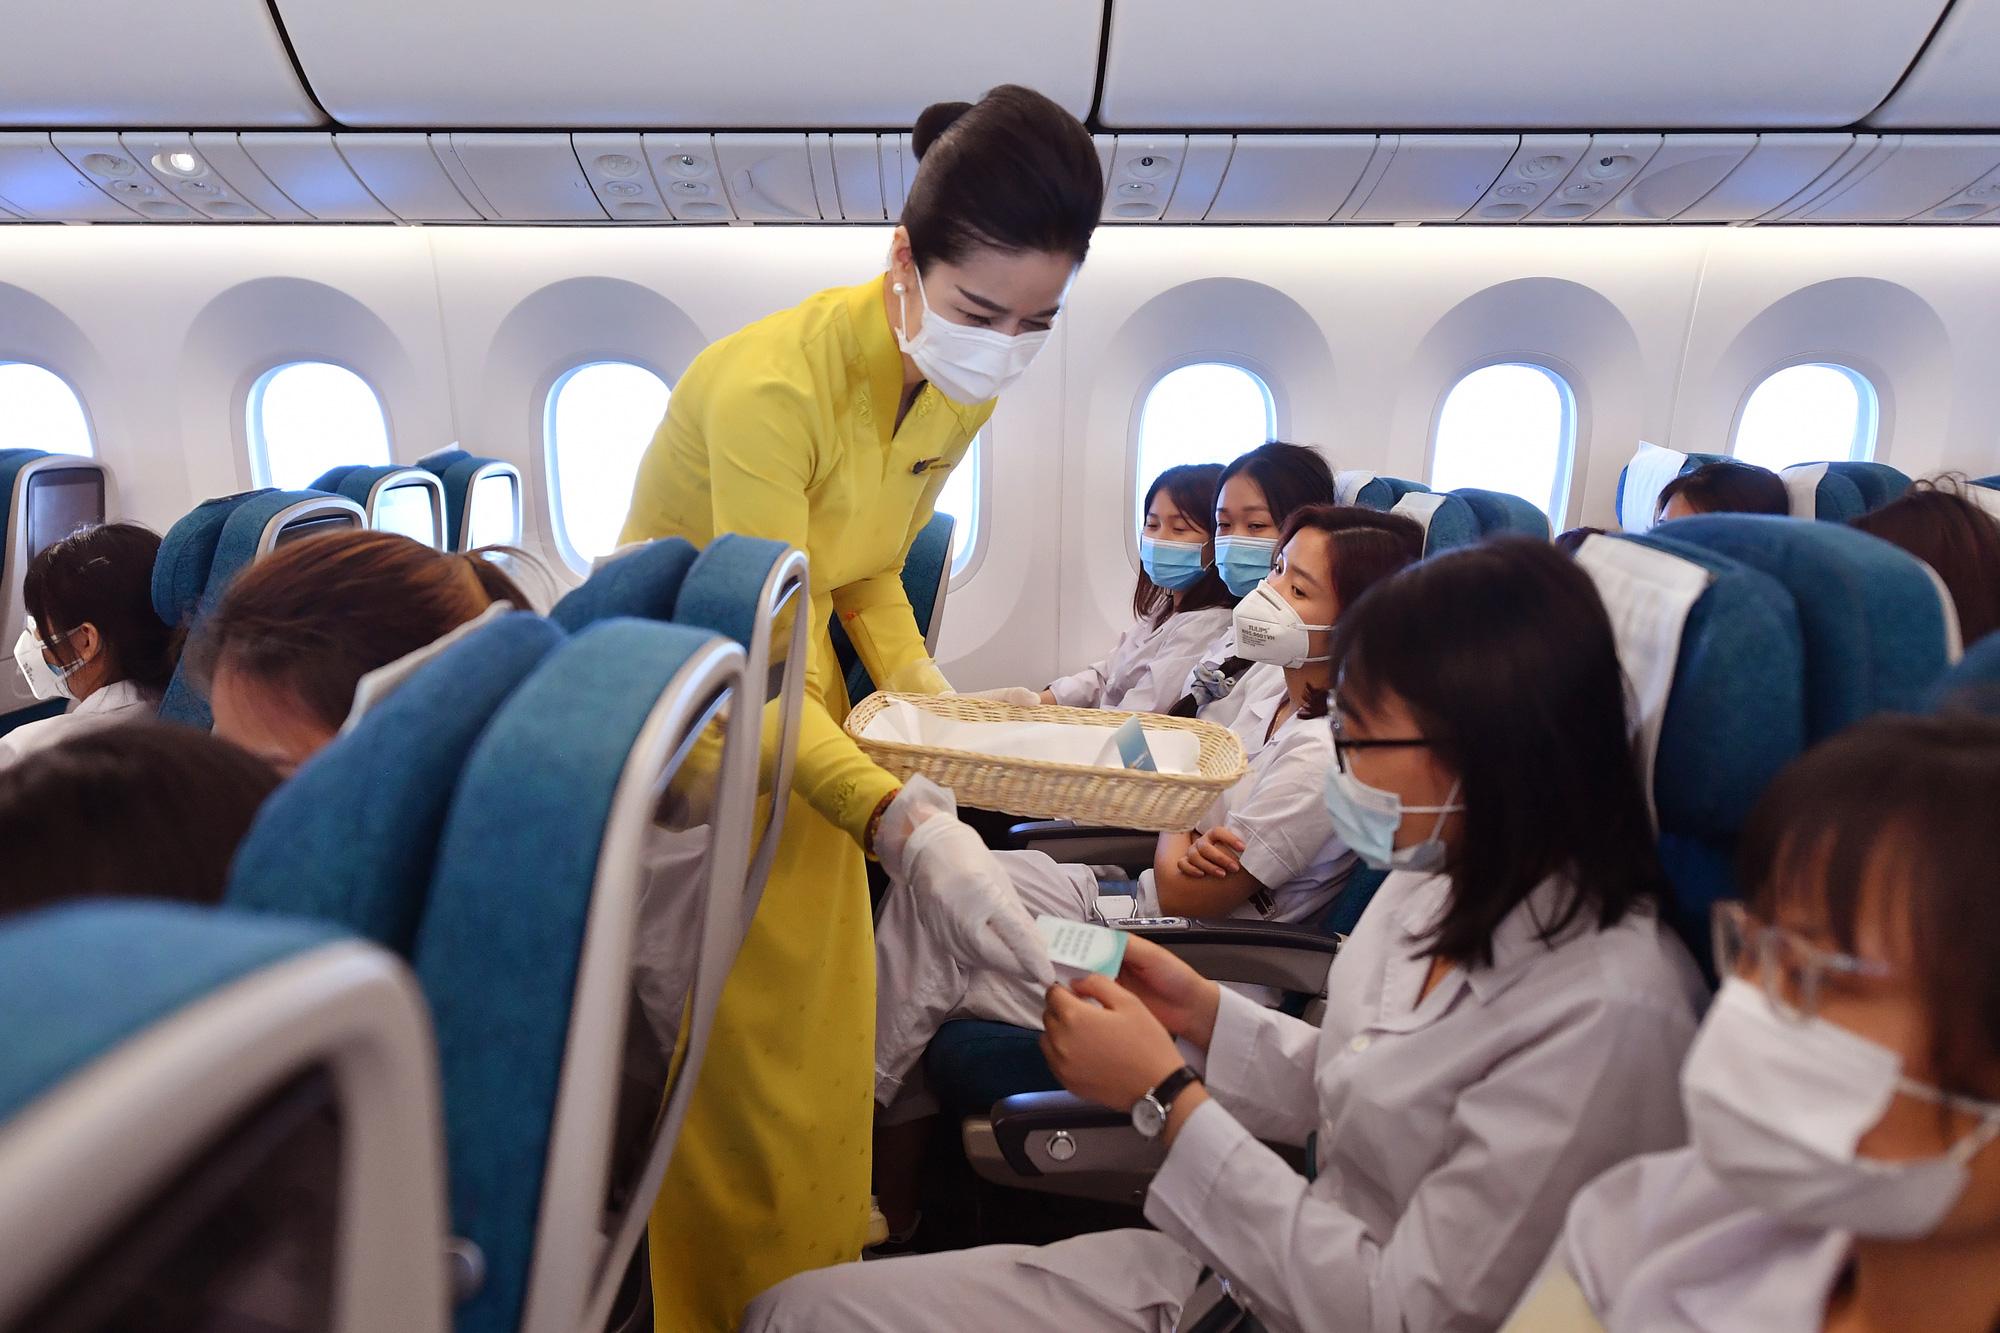 Cổ đông Nhật Bản chuyển nhượng 70 triệu cổ phiếu Vietnam Airlines cho người lao động - Ảnh 2.